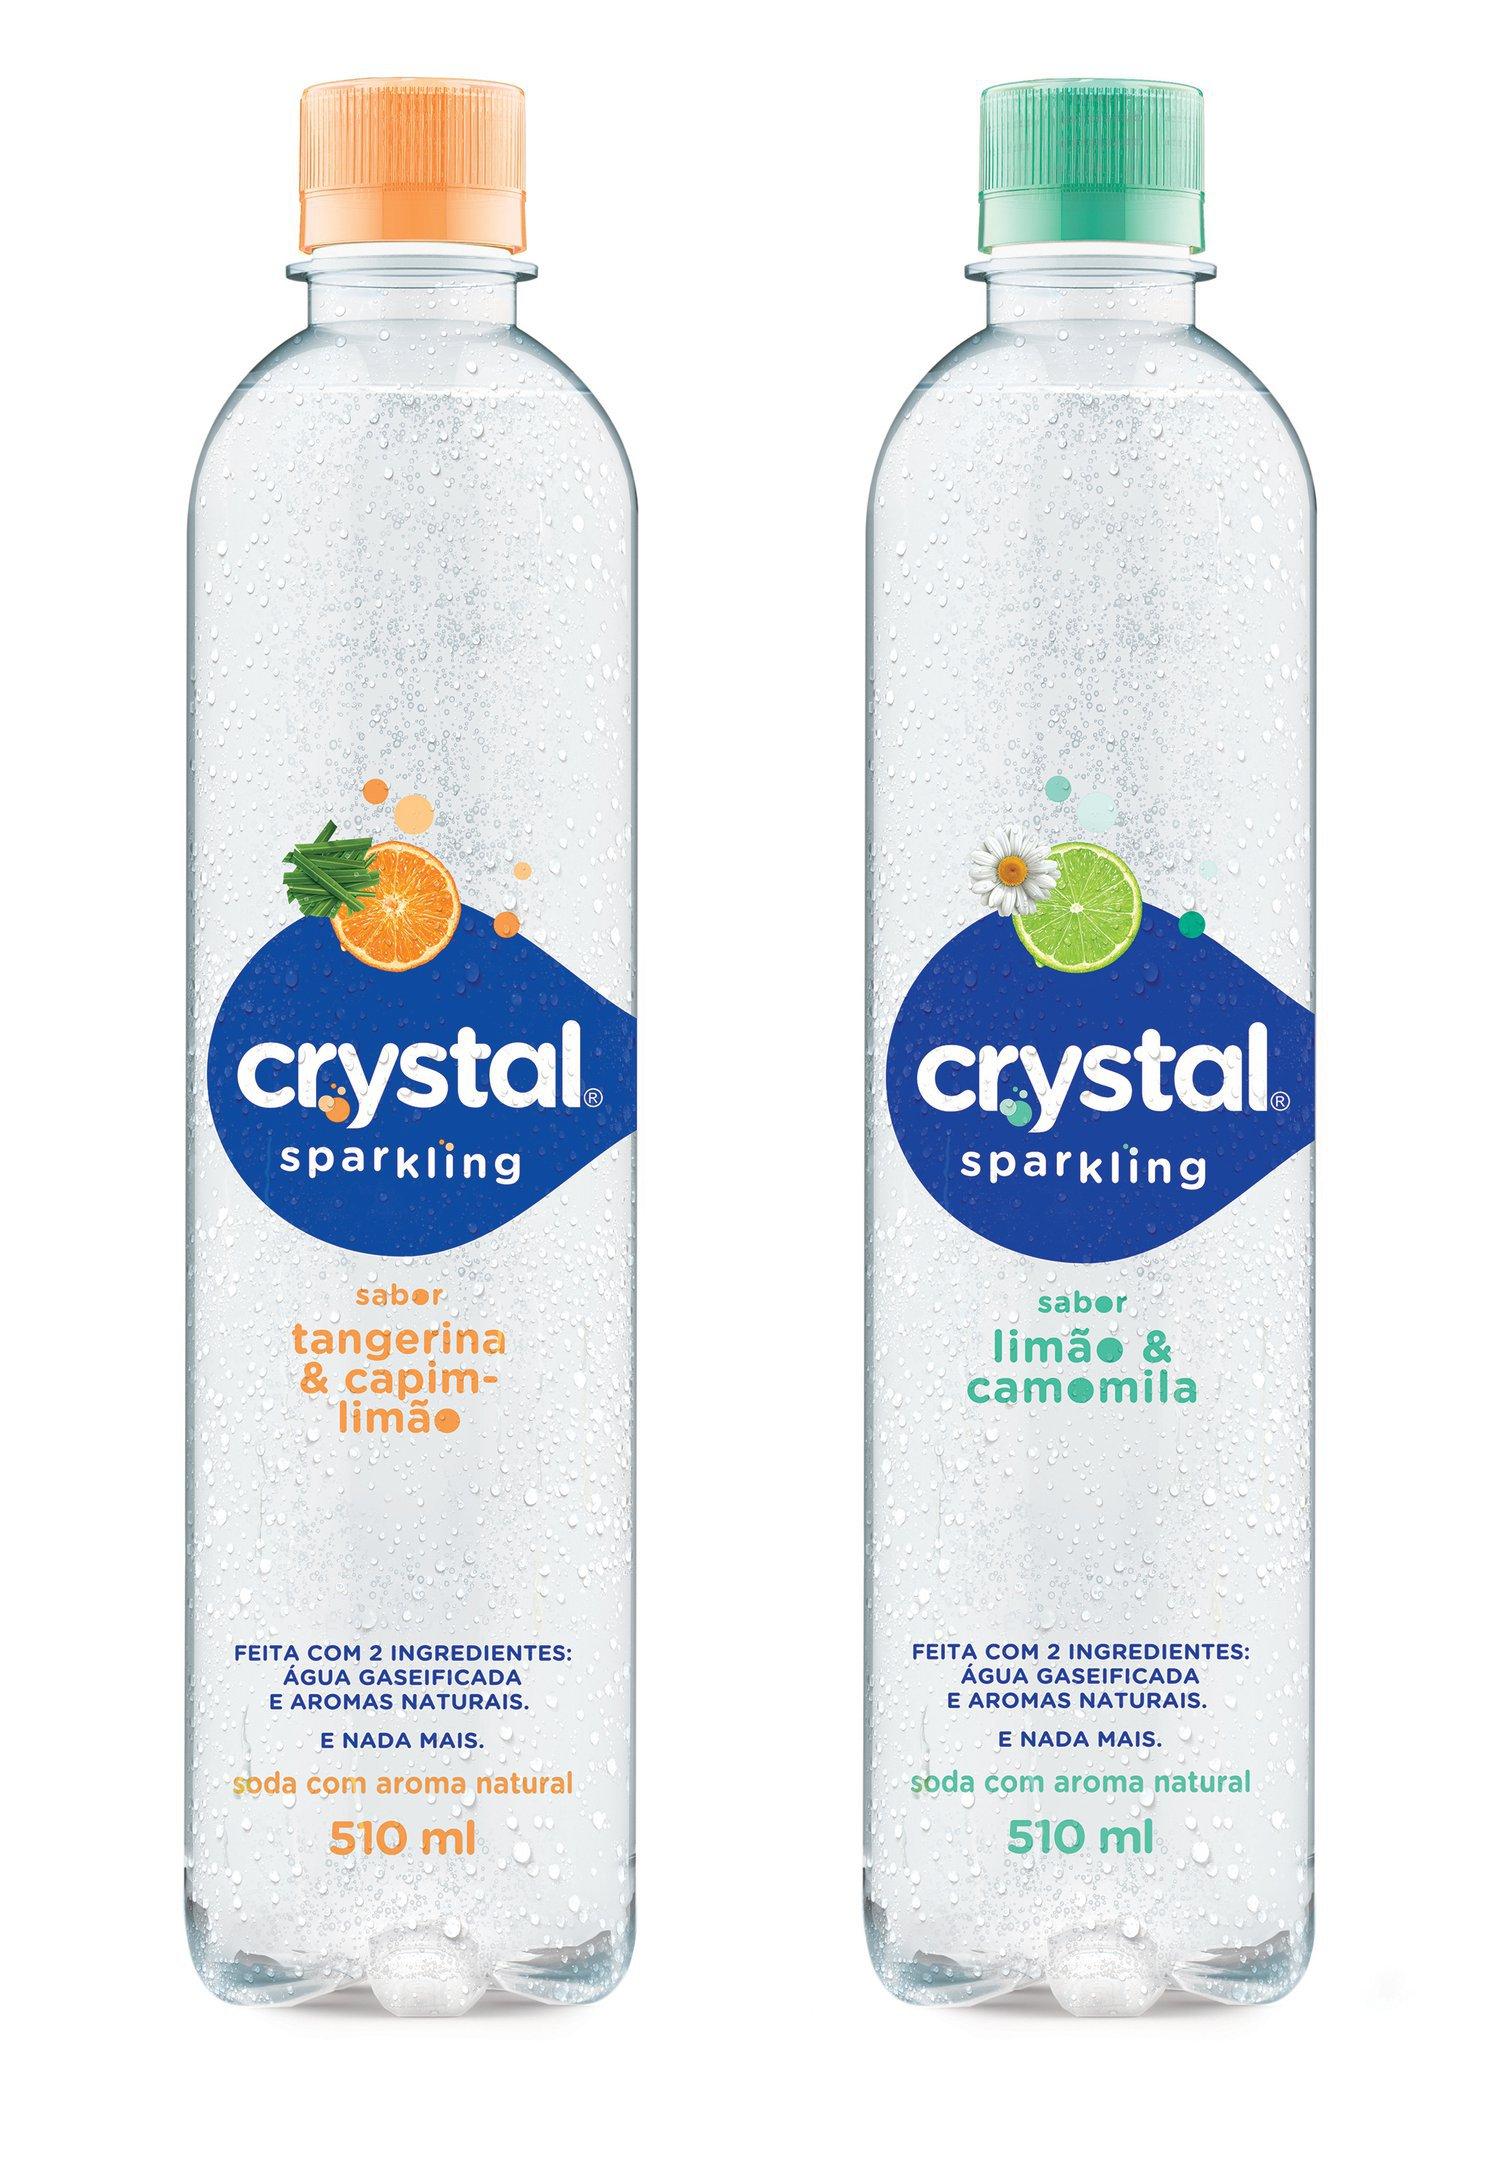 Crystal Sparkling: lançamento da Coca-Cola Brasil traz água gaseificada com aromas